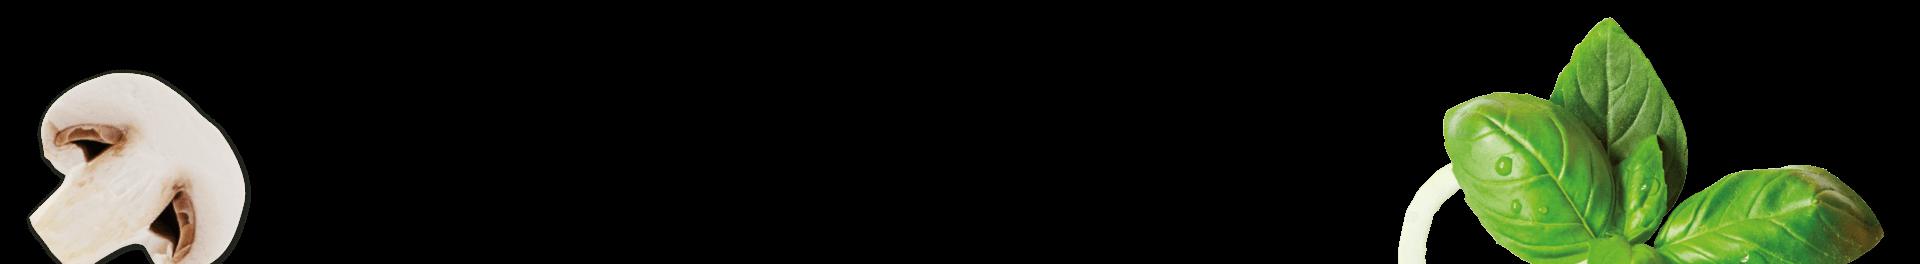 Schnitzelboxx Hintergrundbild Gemüse